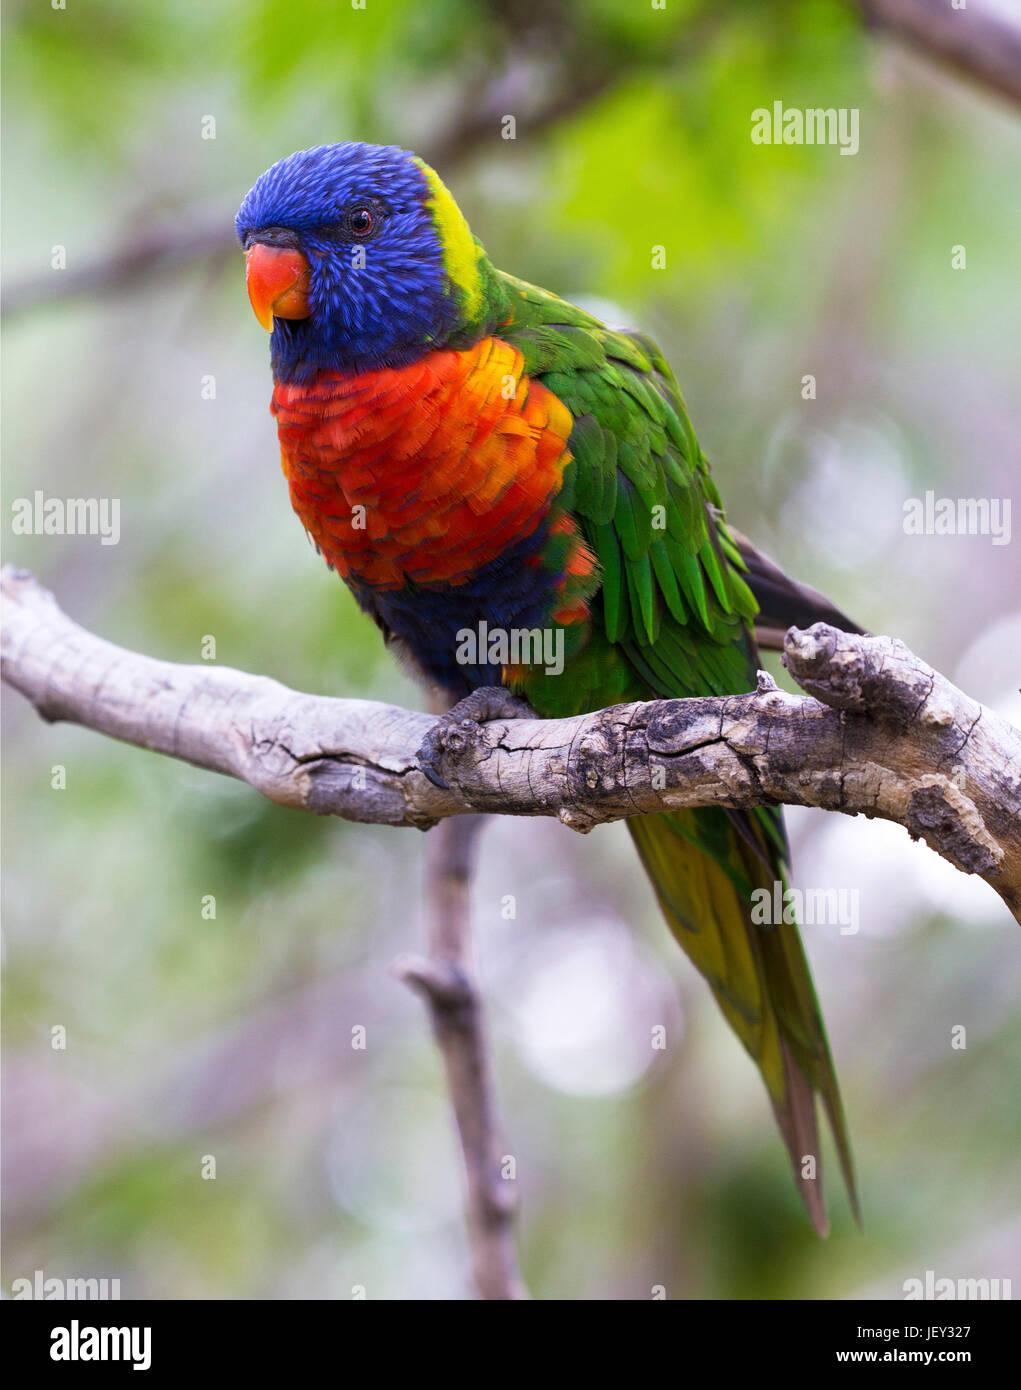 Portrait de Parrot - Rainbow Lorikeet Banque D'Images